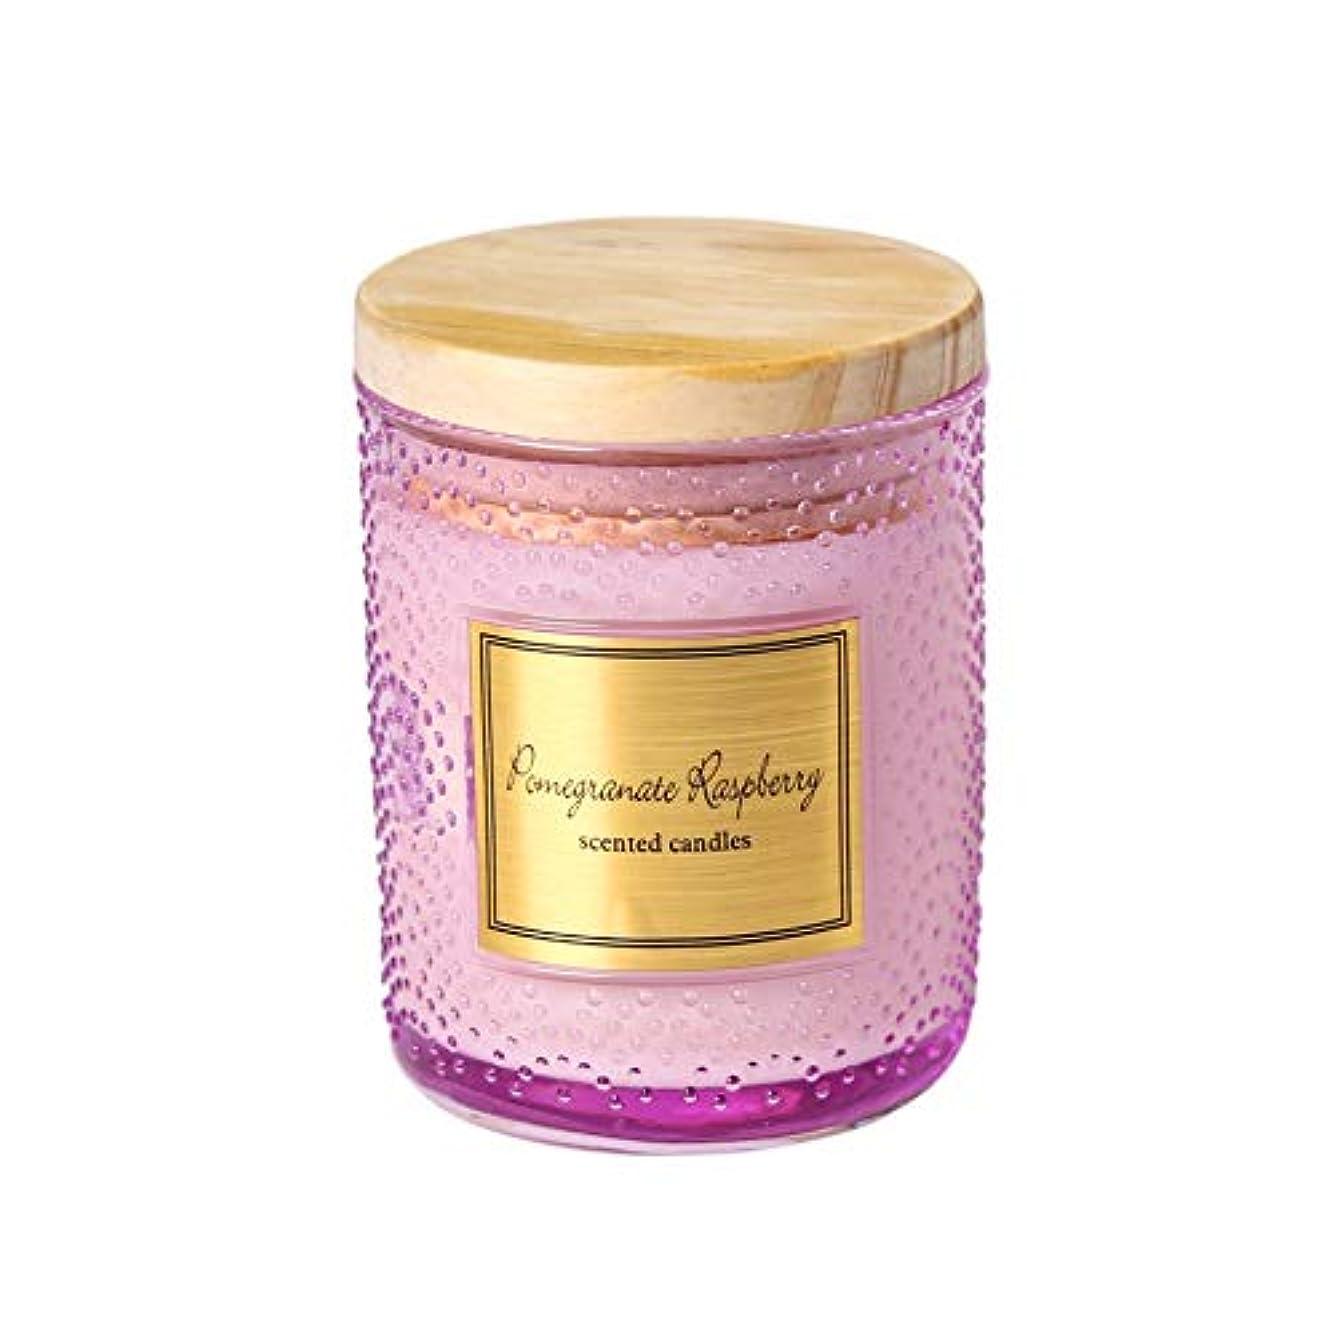 新しい意味シュリンクGuomao 大豆ワックスカップアロマセラピーキャンドルカップ手作りキャンドルウェディングキャンドルカラーキャンドルハンドギフトボックス (色 : Polka dot purple)